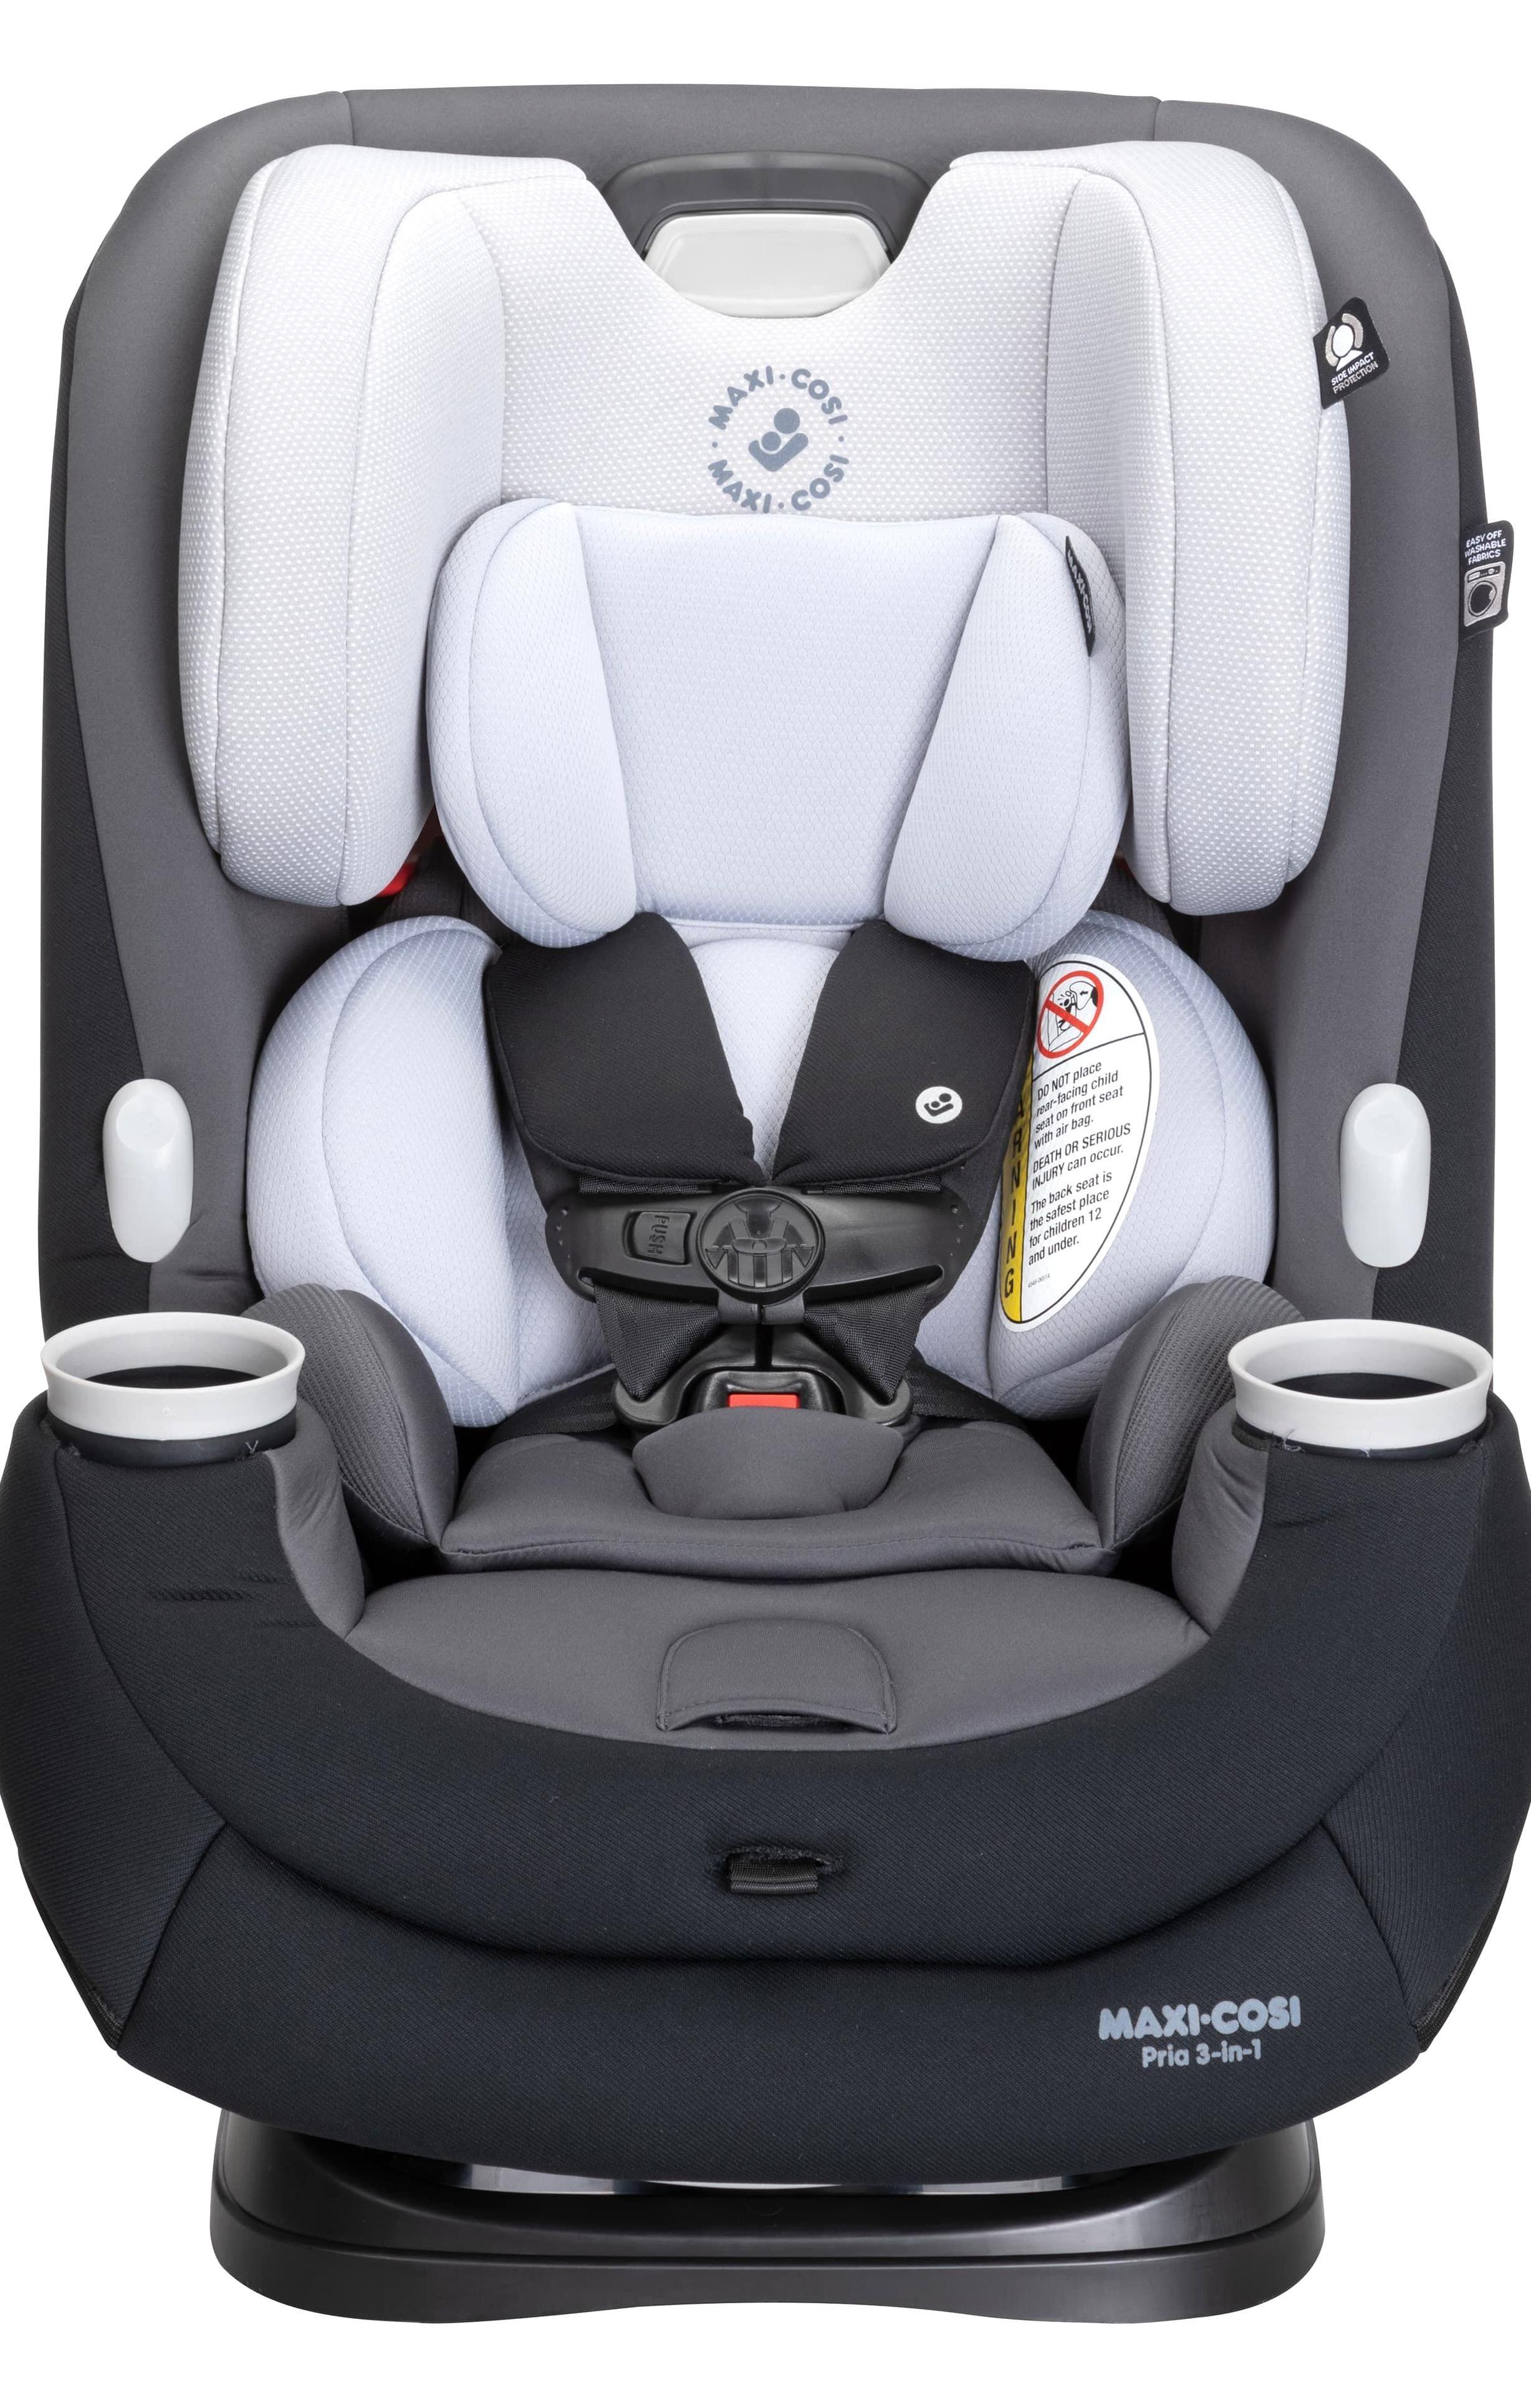 8d2651b71ec2ea922b3cf84a54bbc00f - How To Get Cover Off Maxi Cosi Car Seat